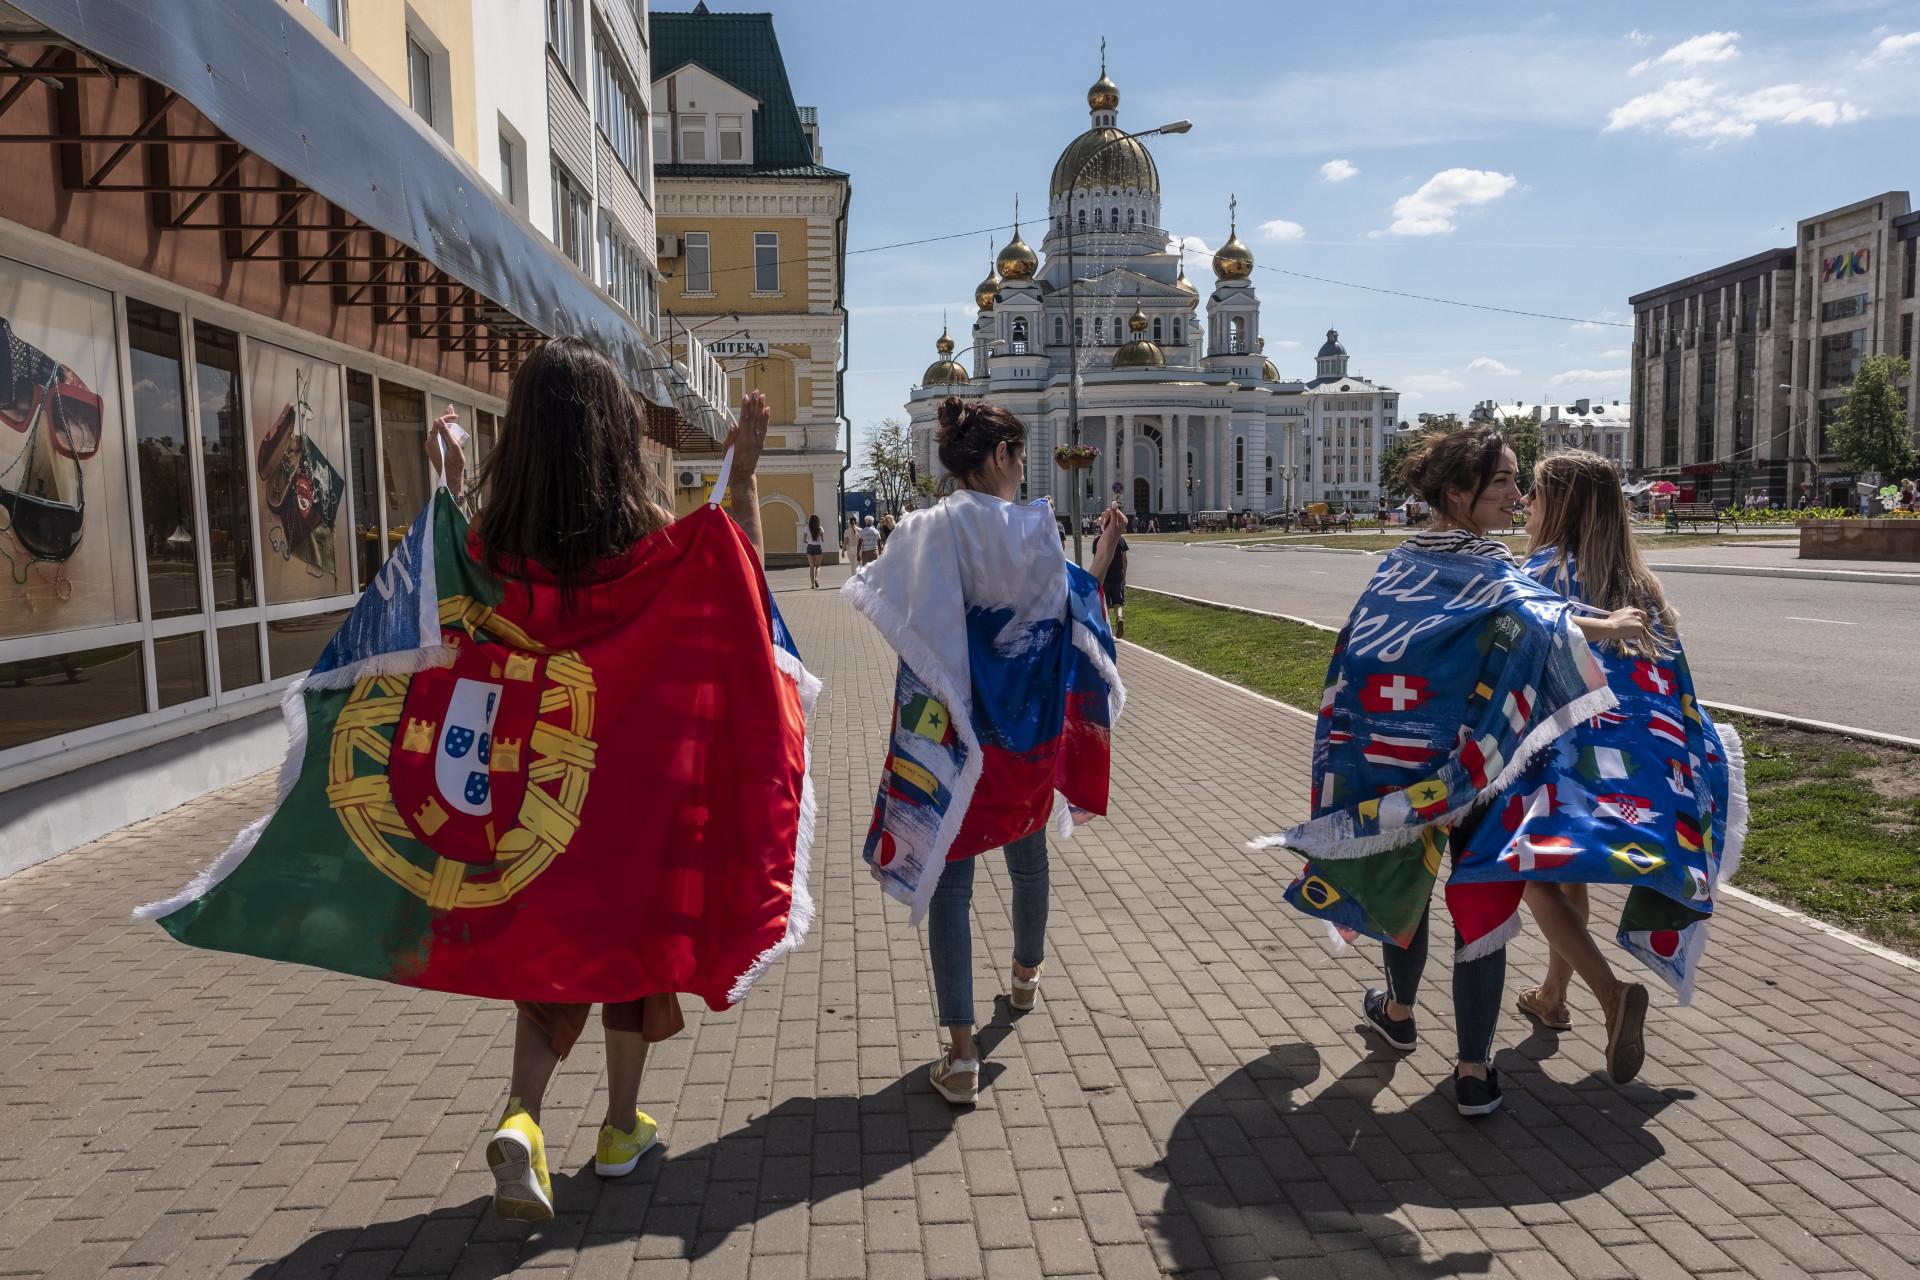 A um dia do jogo de Portugal, vinho e bacalhau já invadem ruas da Rússia